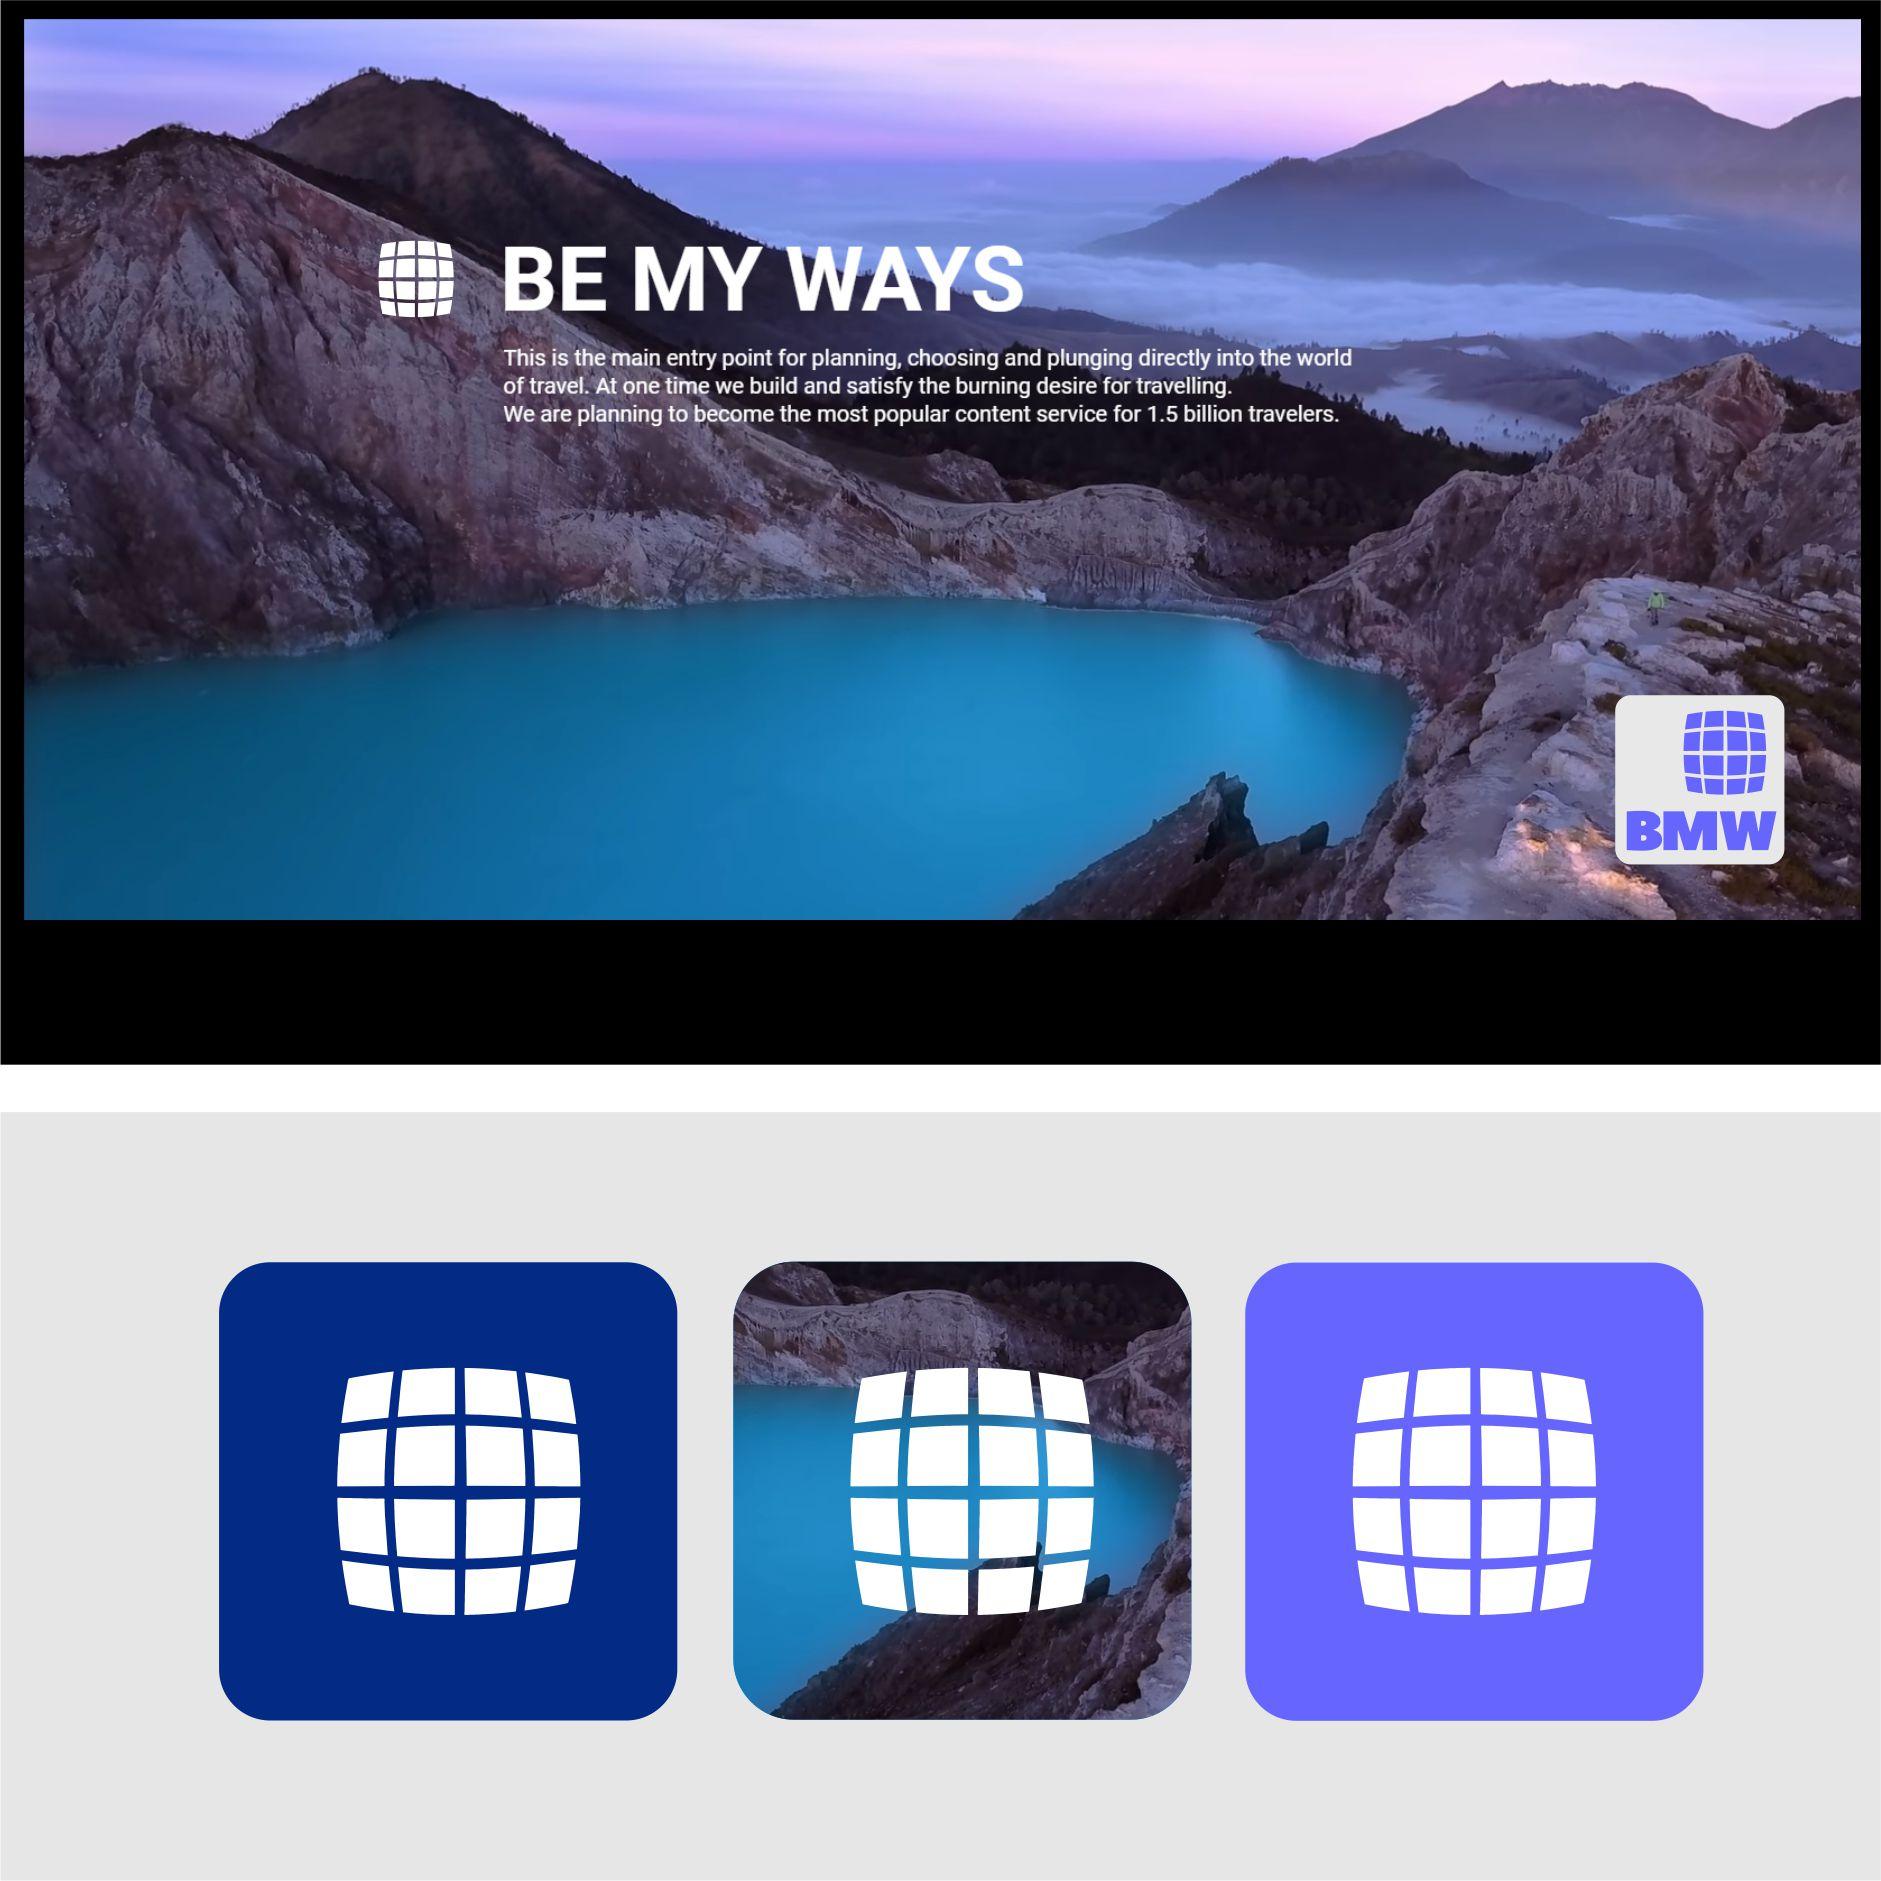 Разработка логотипа и иконки для Travel Video Platform фото f_3565c3c602522801.jpg